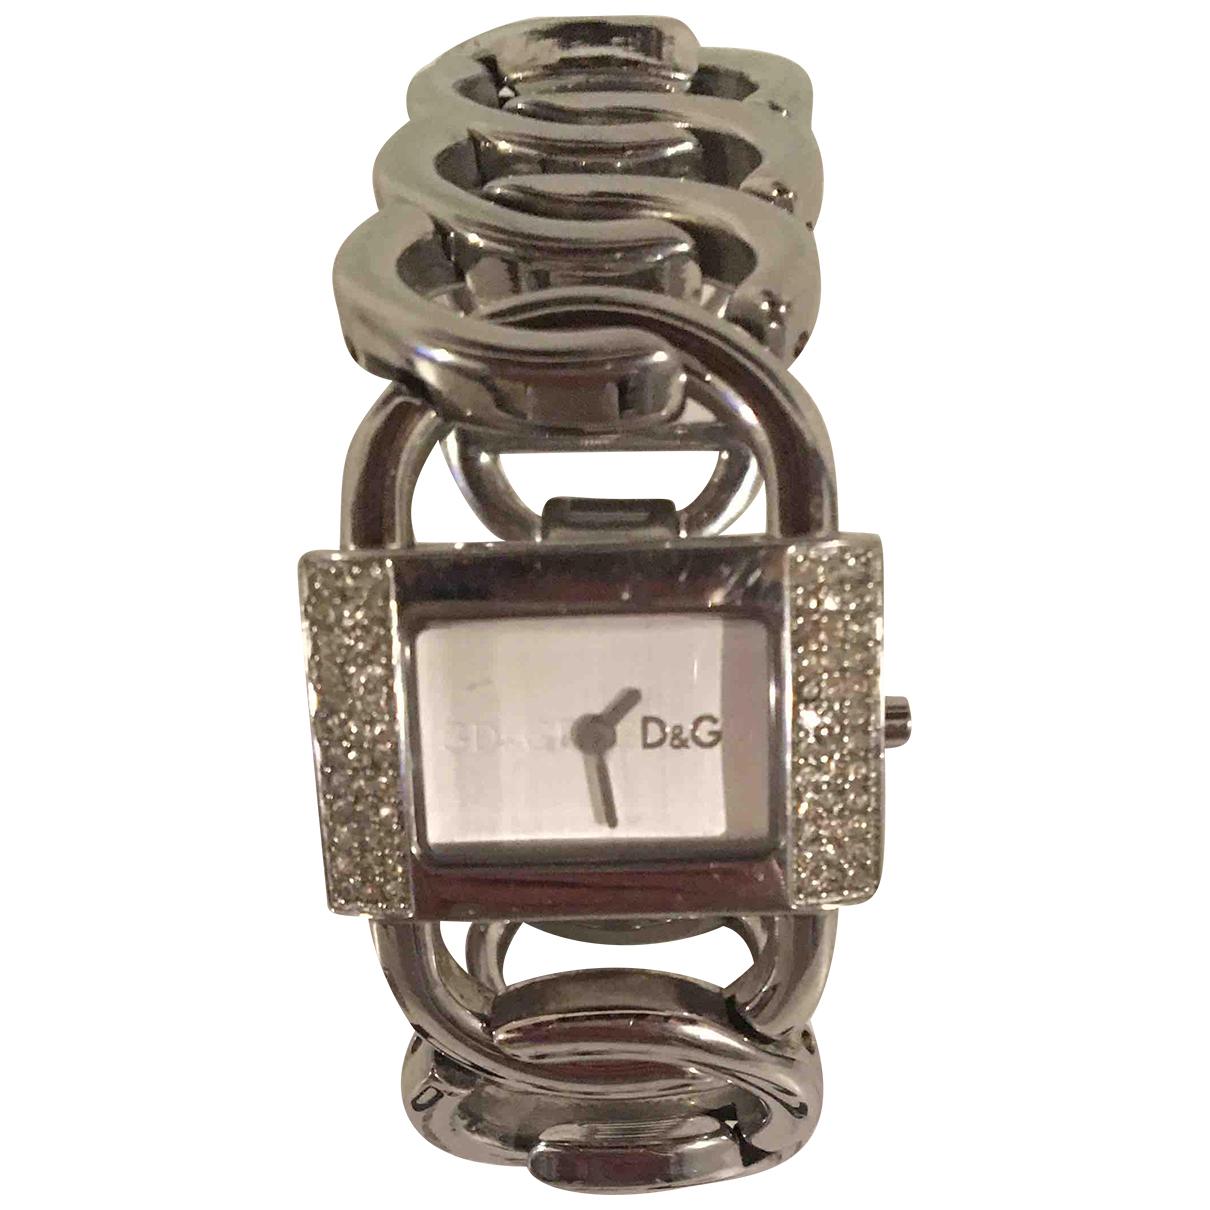 D&g N Silver Steel watch for Women N